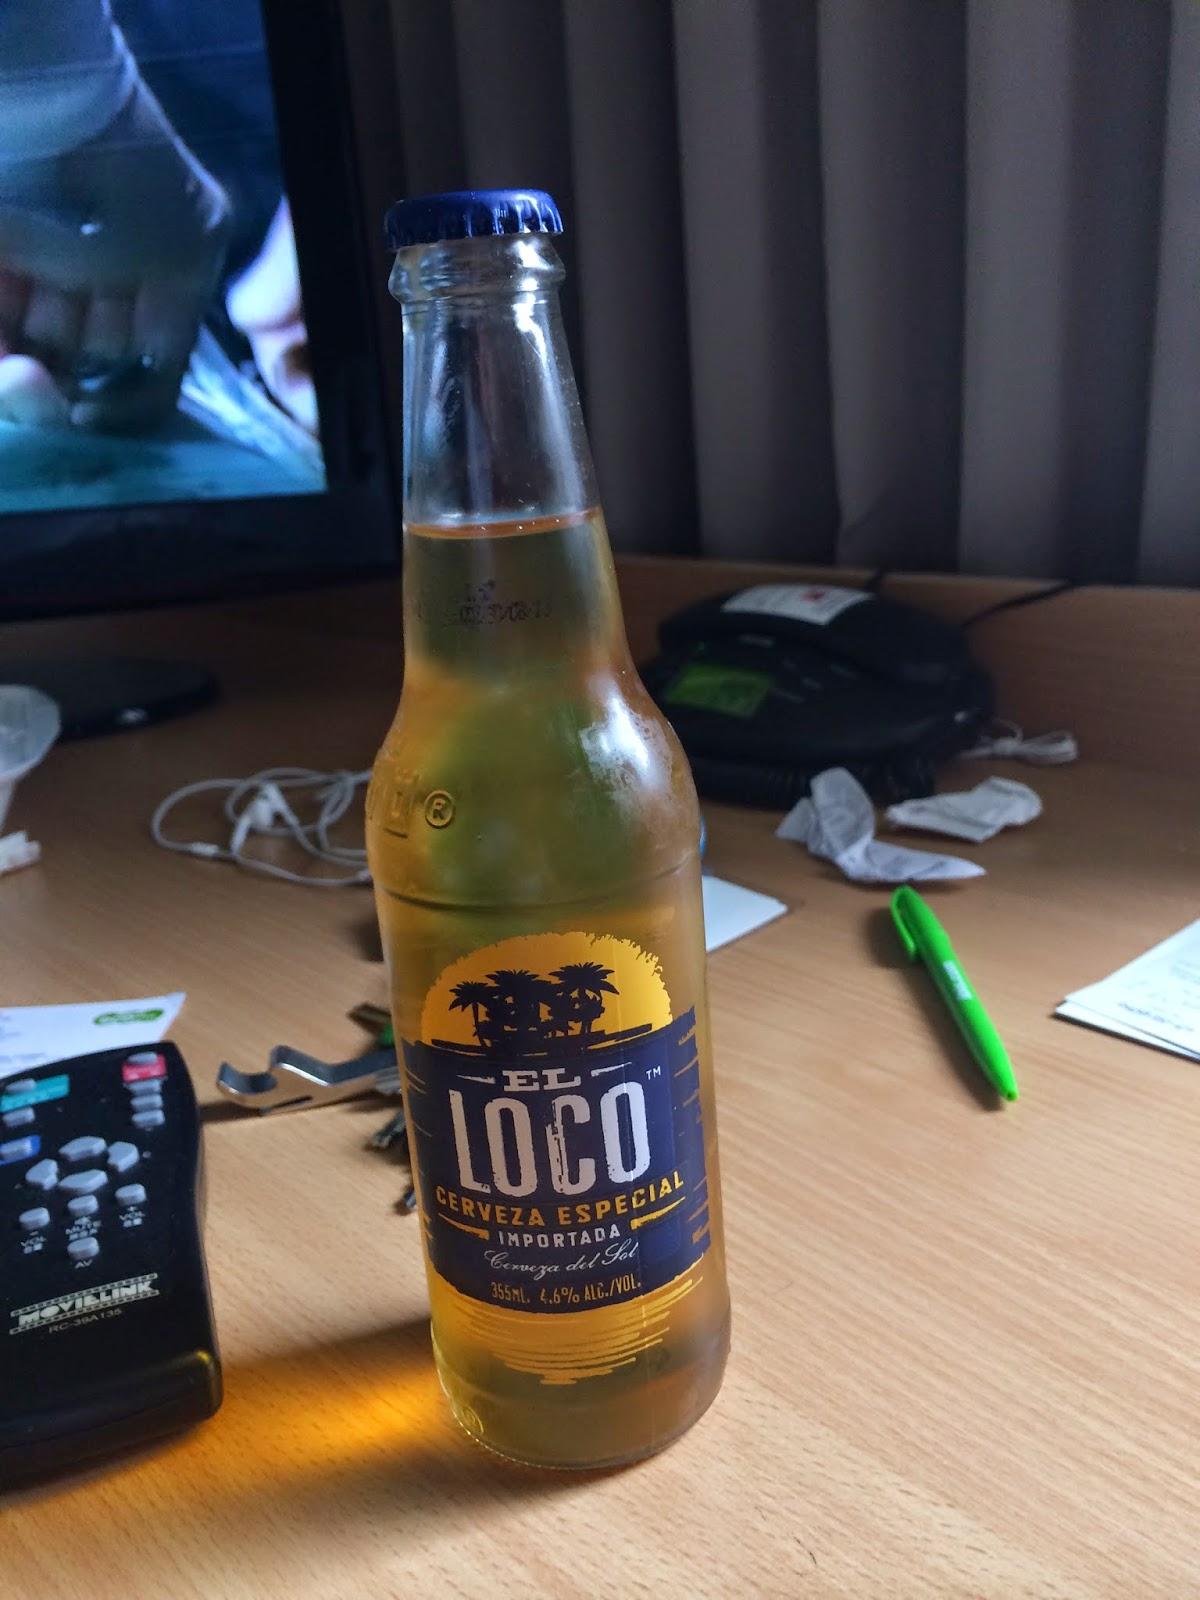 El Loco Cerveza Especial